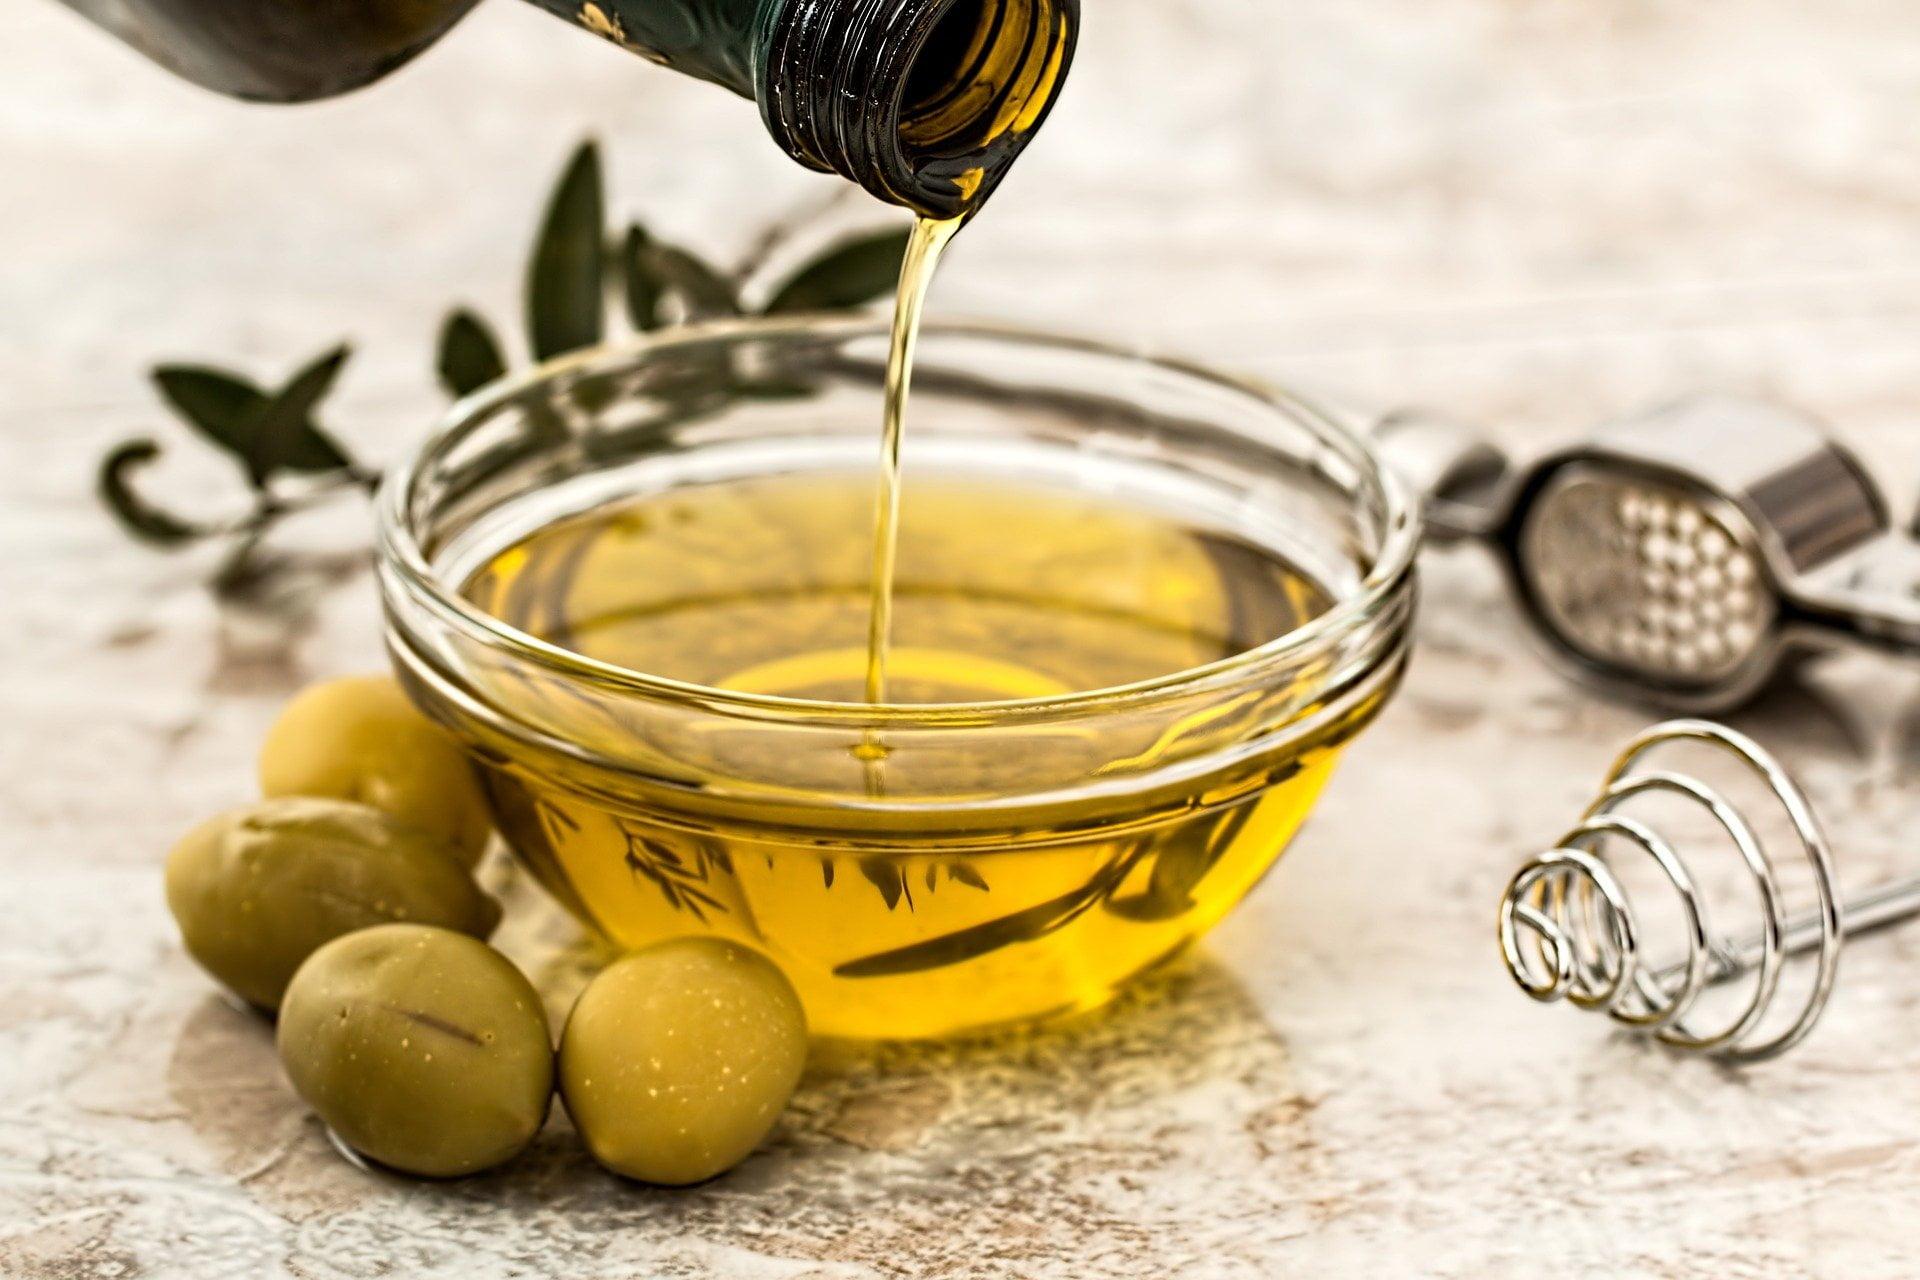 zielone oliwki, oliwa z oliwek wlewana do szklanej miski